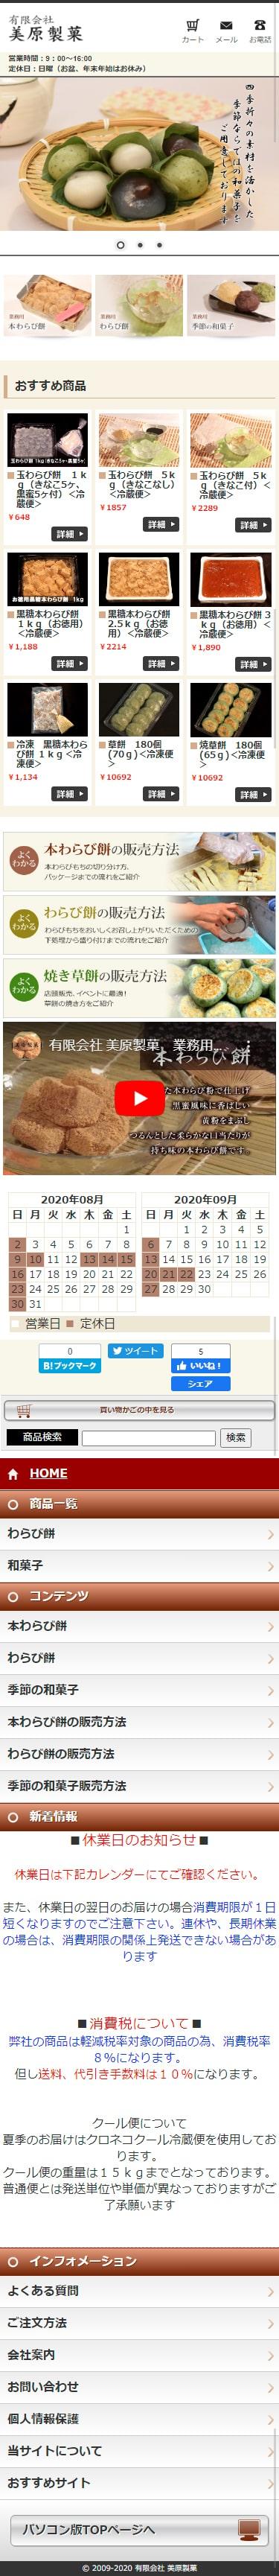 美原製菓 スマートフォン表示